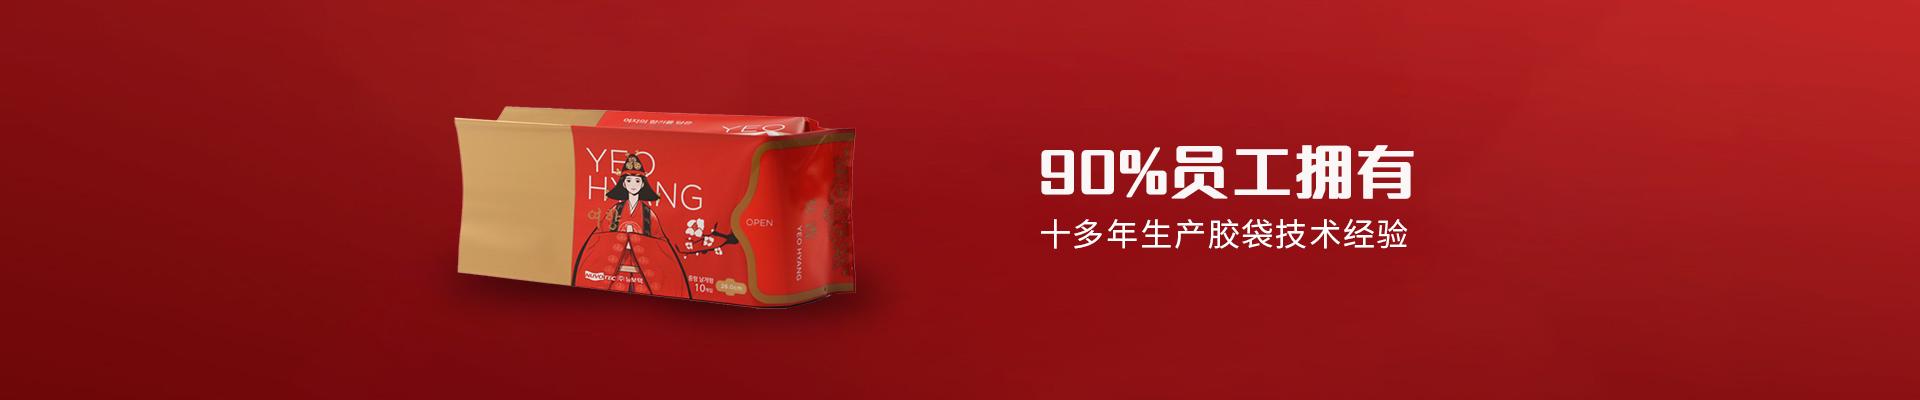 日山红具有十多年生产胶袋技术经验,品质可信赖